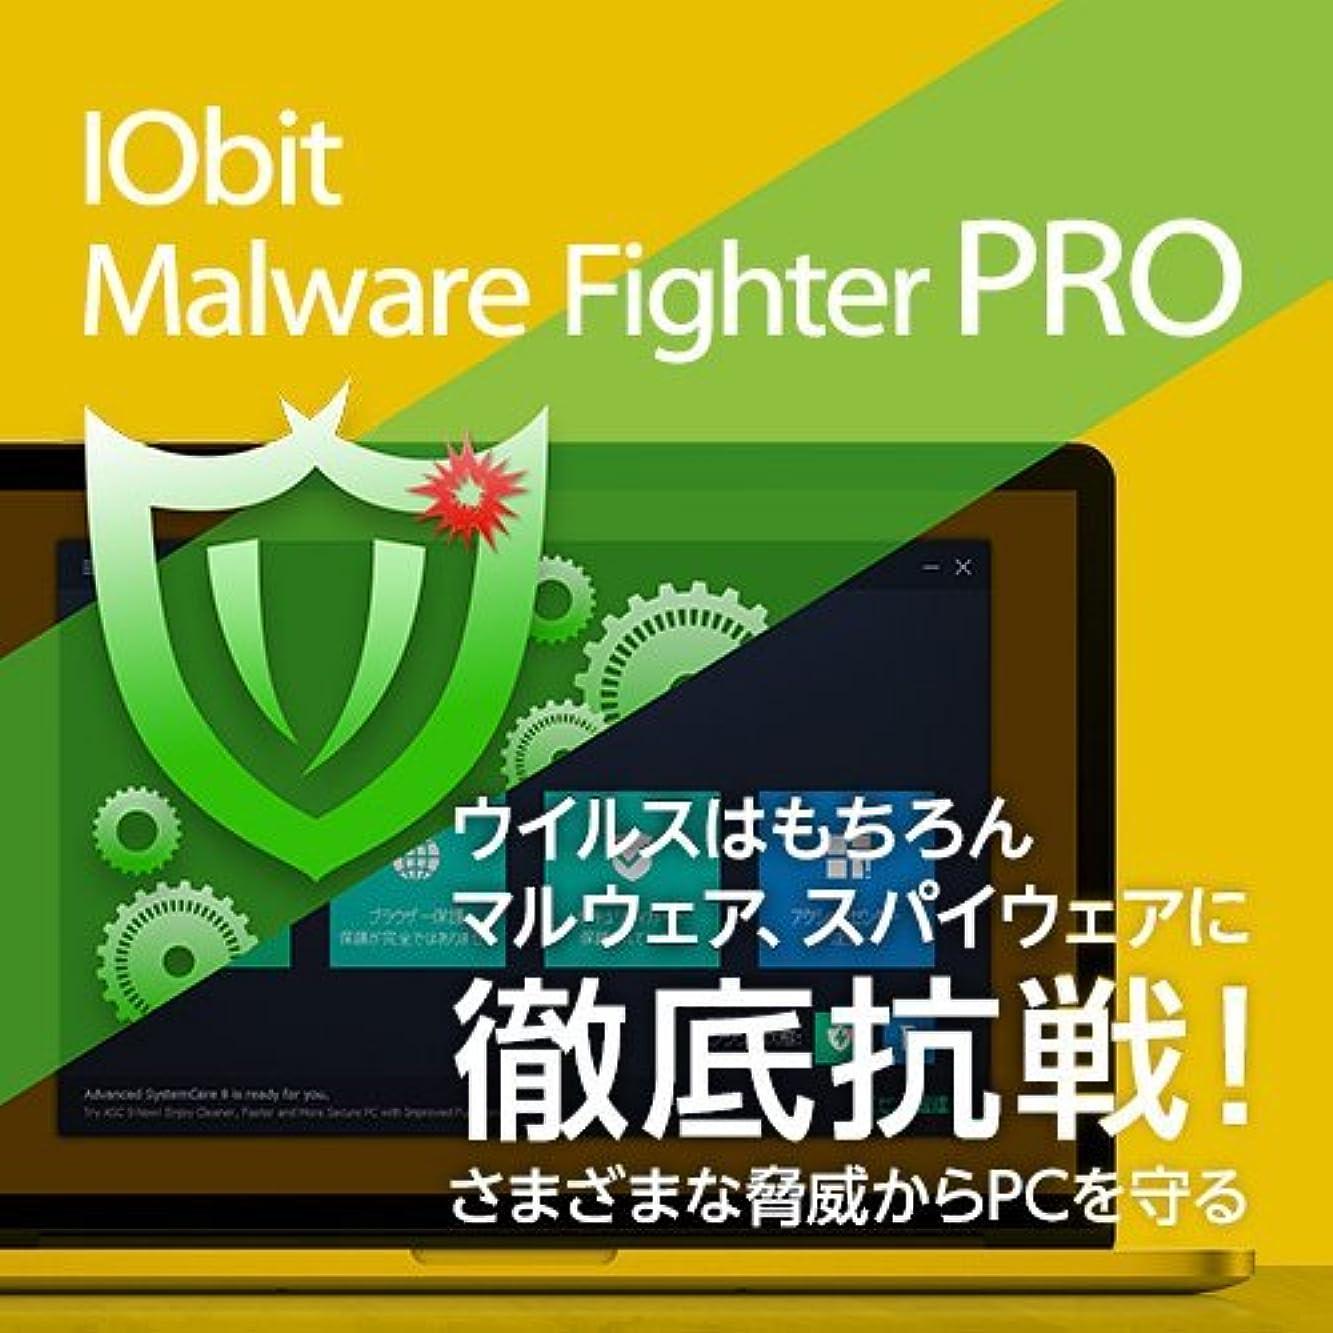 不良品兵器庫落ち着かない【無料版】 IObit Malware Fighter Free 【アンチウィルス?マルウェア?ランサムウェア/セキュリティ対策/トラッキング防止】|ダウンロード版